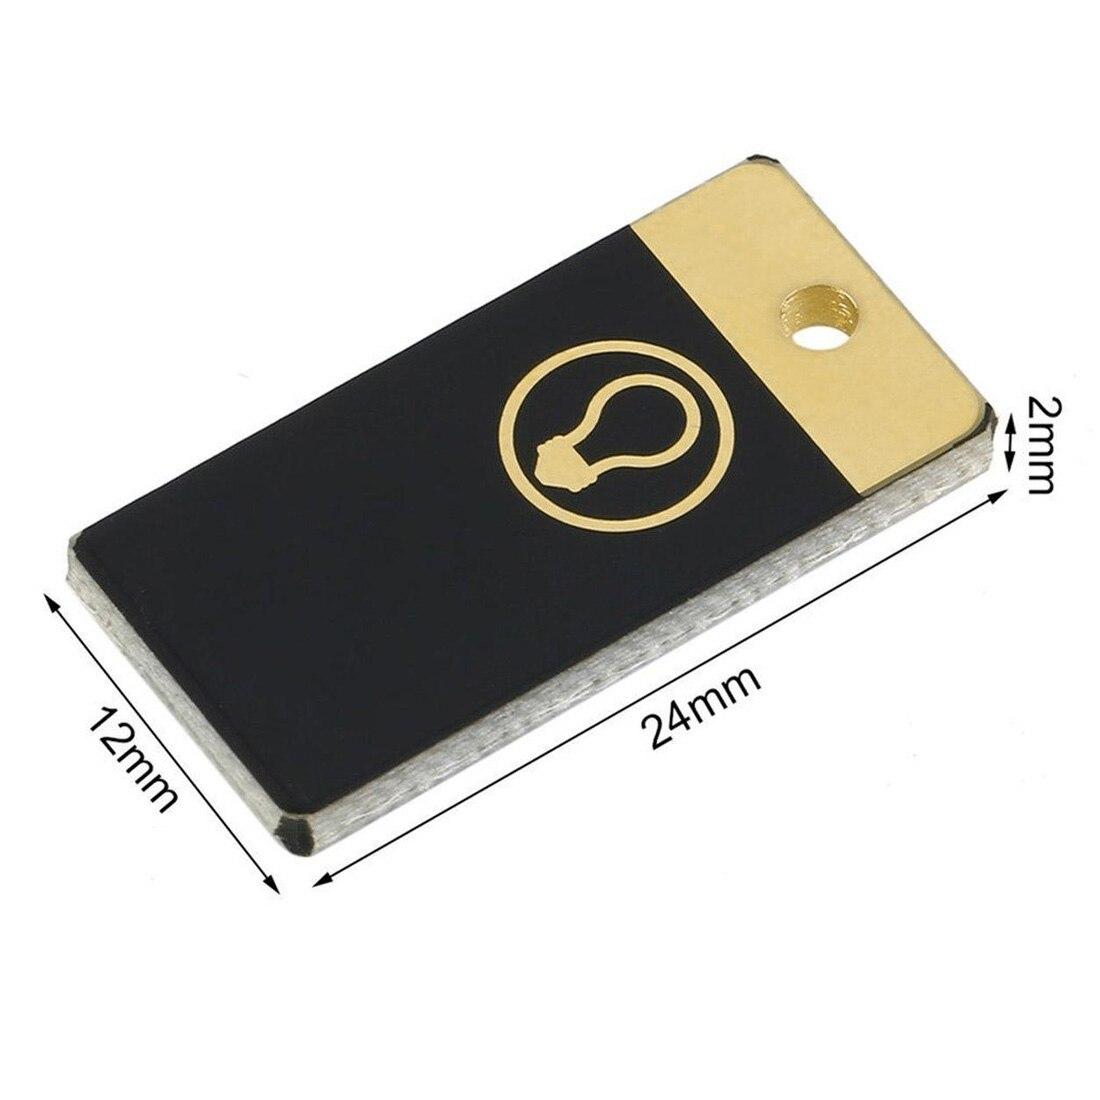 USB мощность 5 шт. Ночная лампа Мини карманная карта LED брелок ночник 0,2 Вт Светодиодная лампа USB книга свет для ноутбука ПК Powerbank